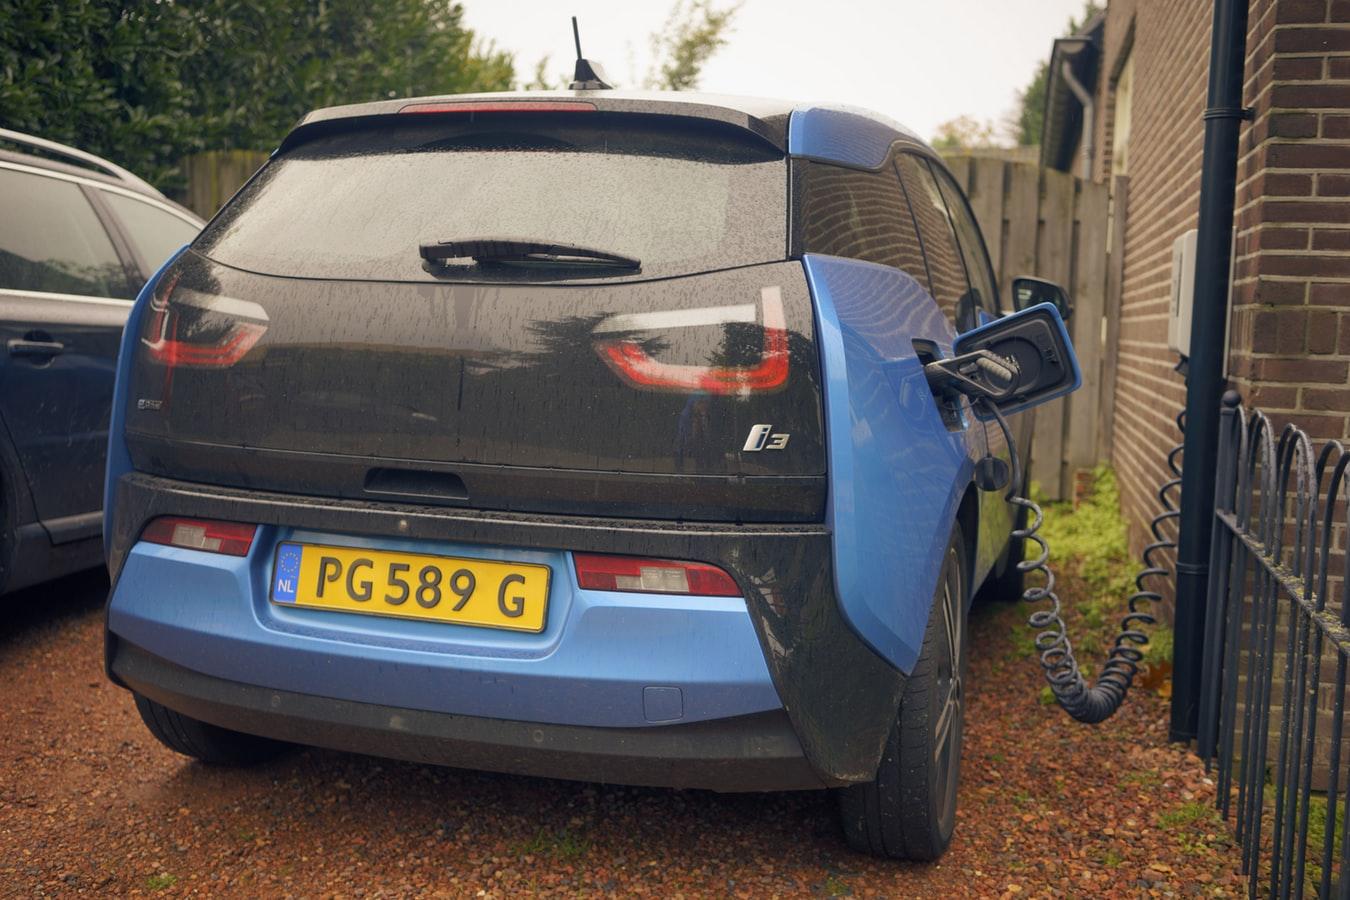 La pollution environnementale, une raison pour opter pour les voitures électriques